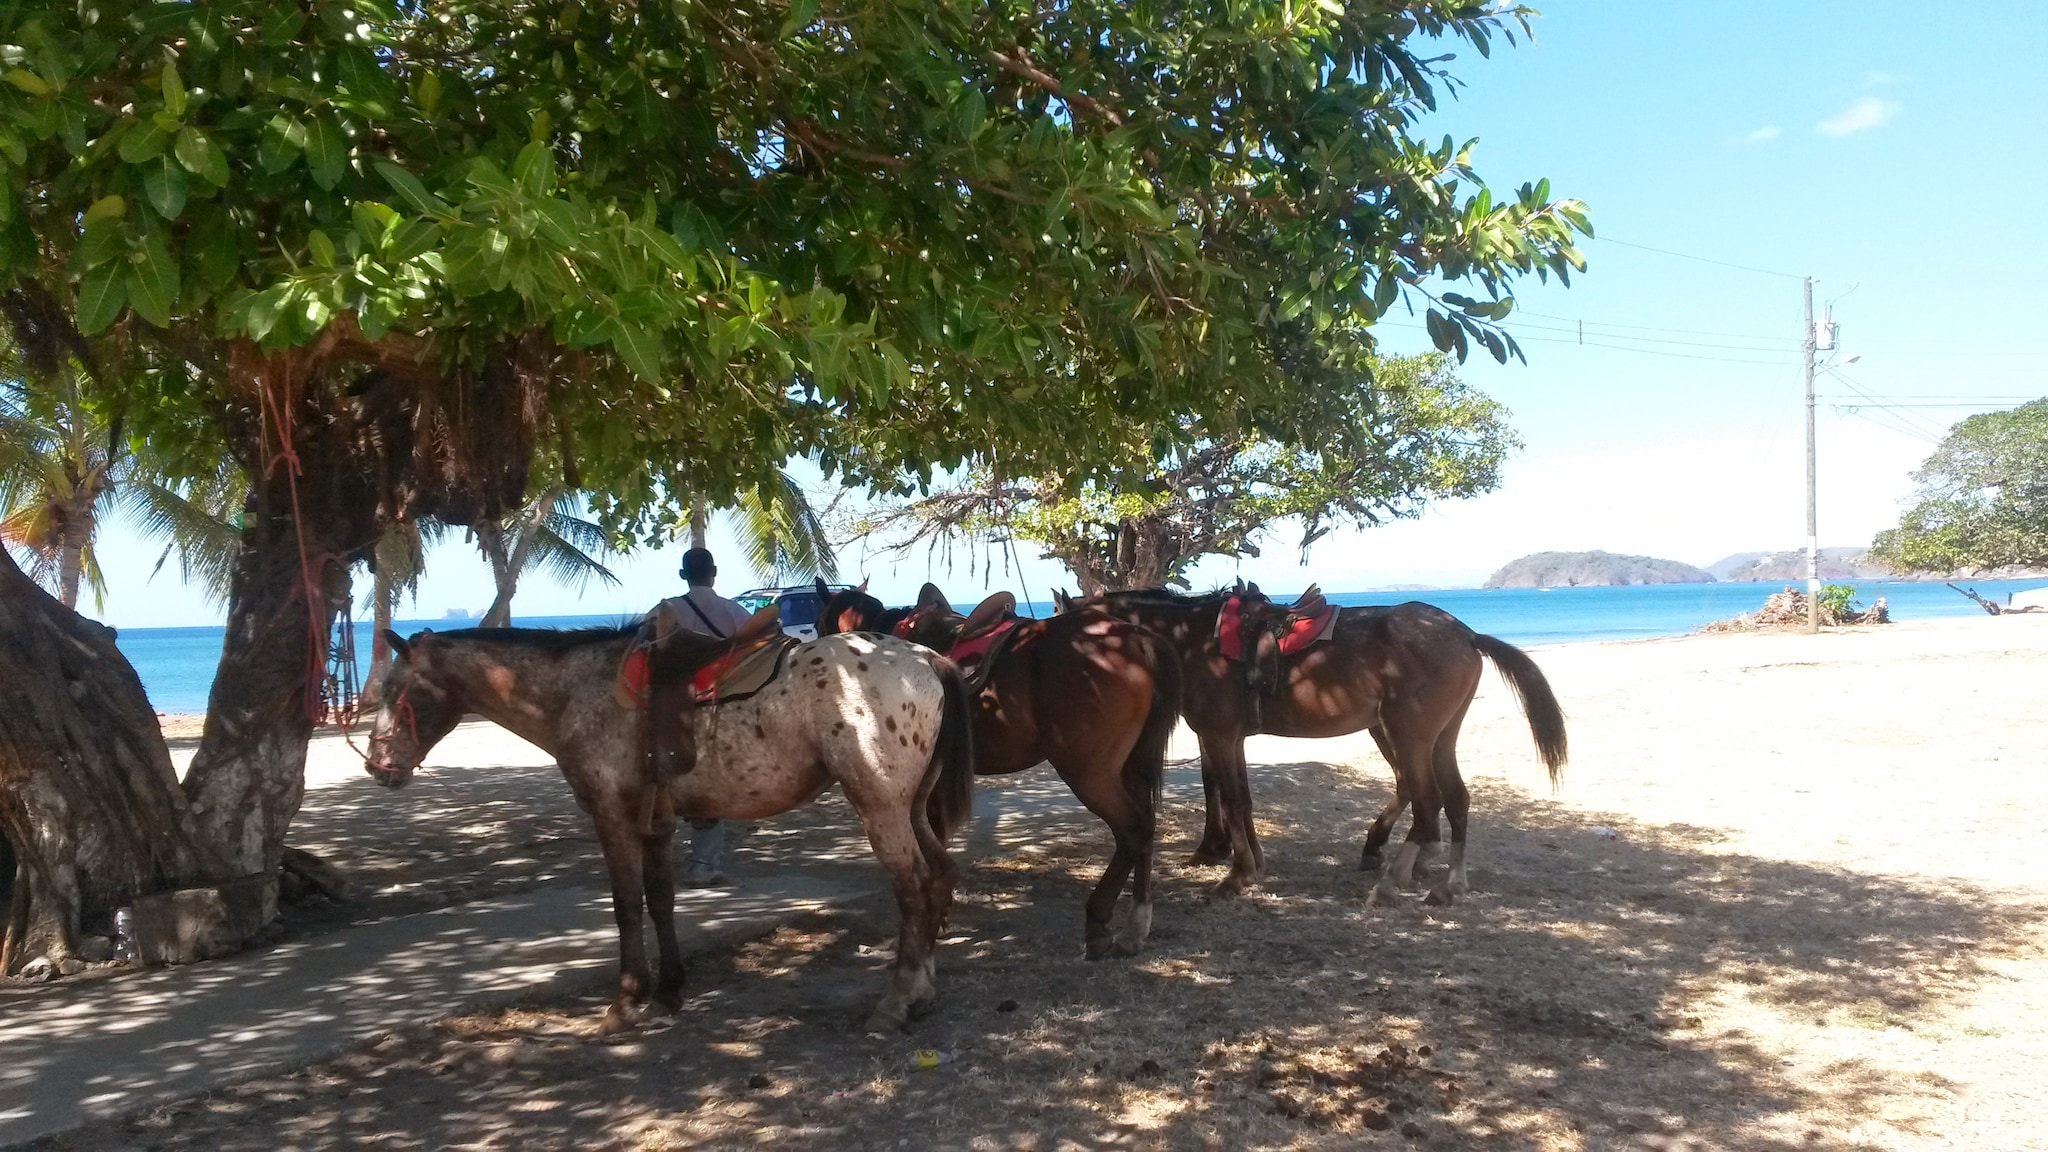 Verso la spiaggia a cavallo (Foto Fanpage.it/Raffaele Basile).